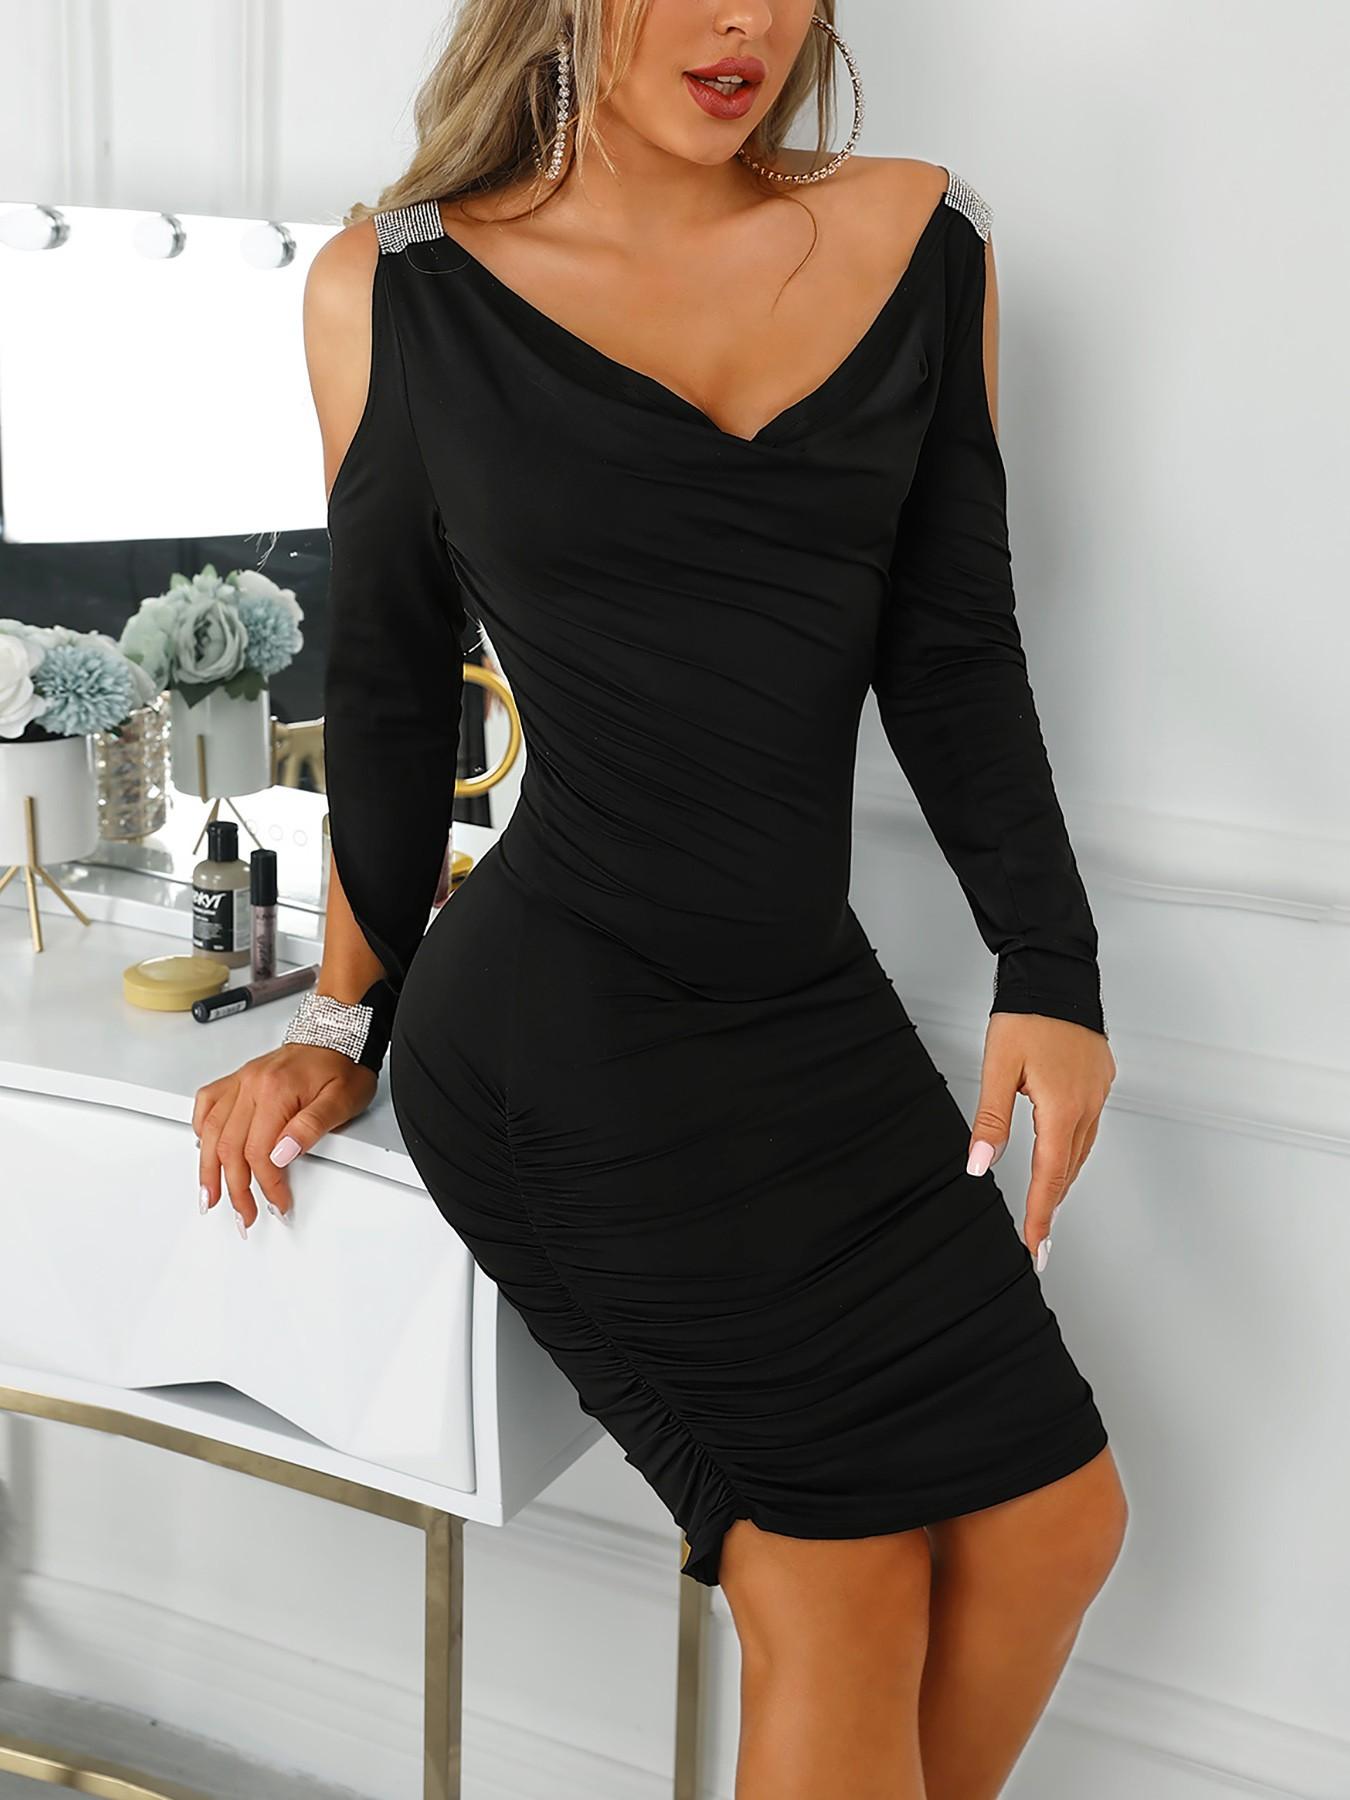 boutiquefeel / Gem-Studded Cold Shoulder Ruched Bodycon Dress